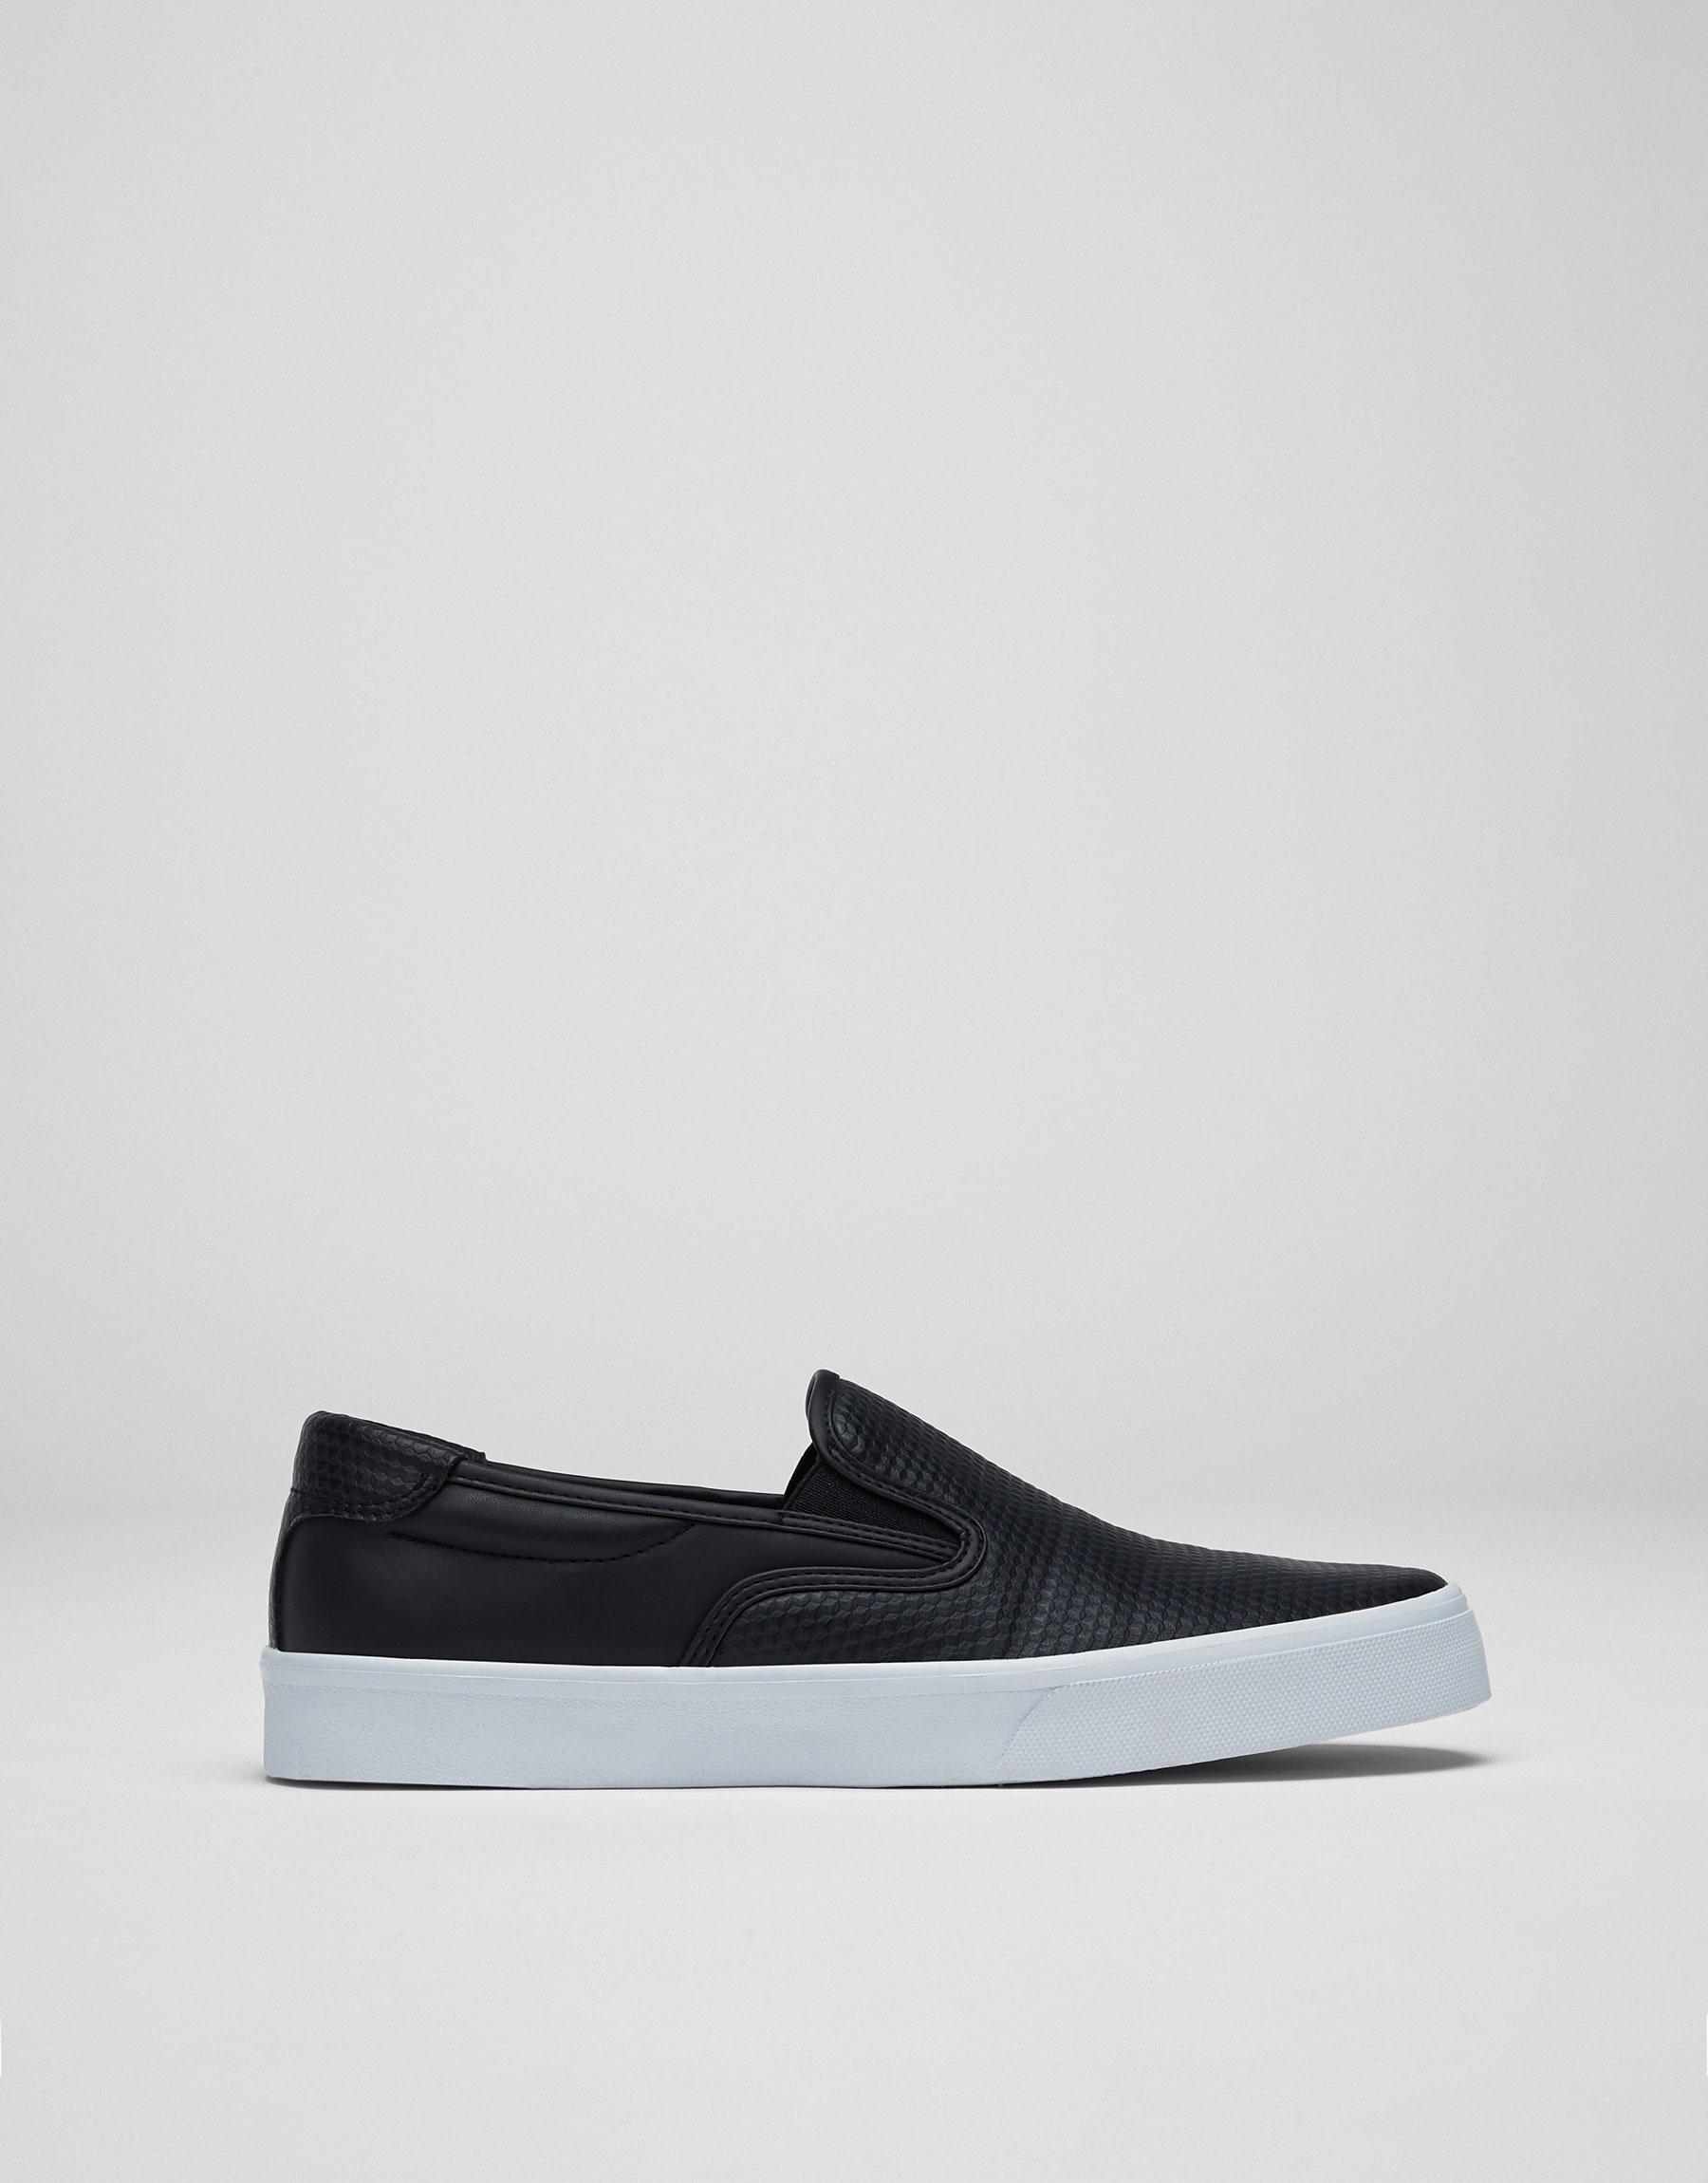 Zapatilla elástica negra